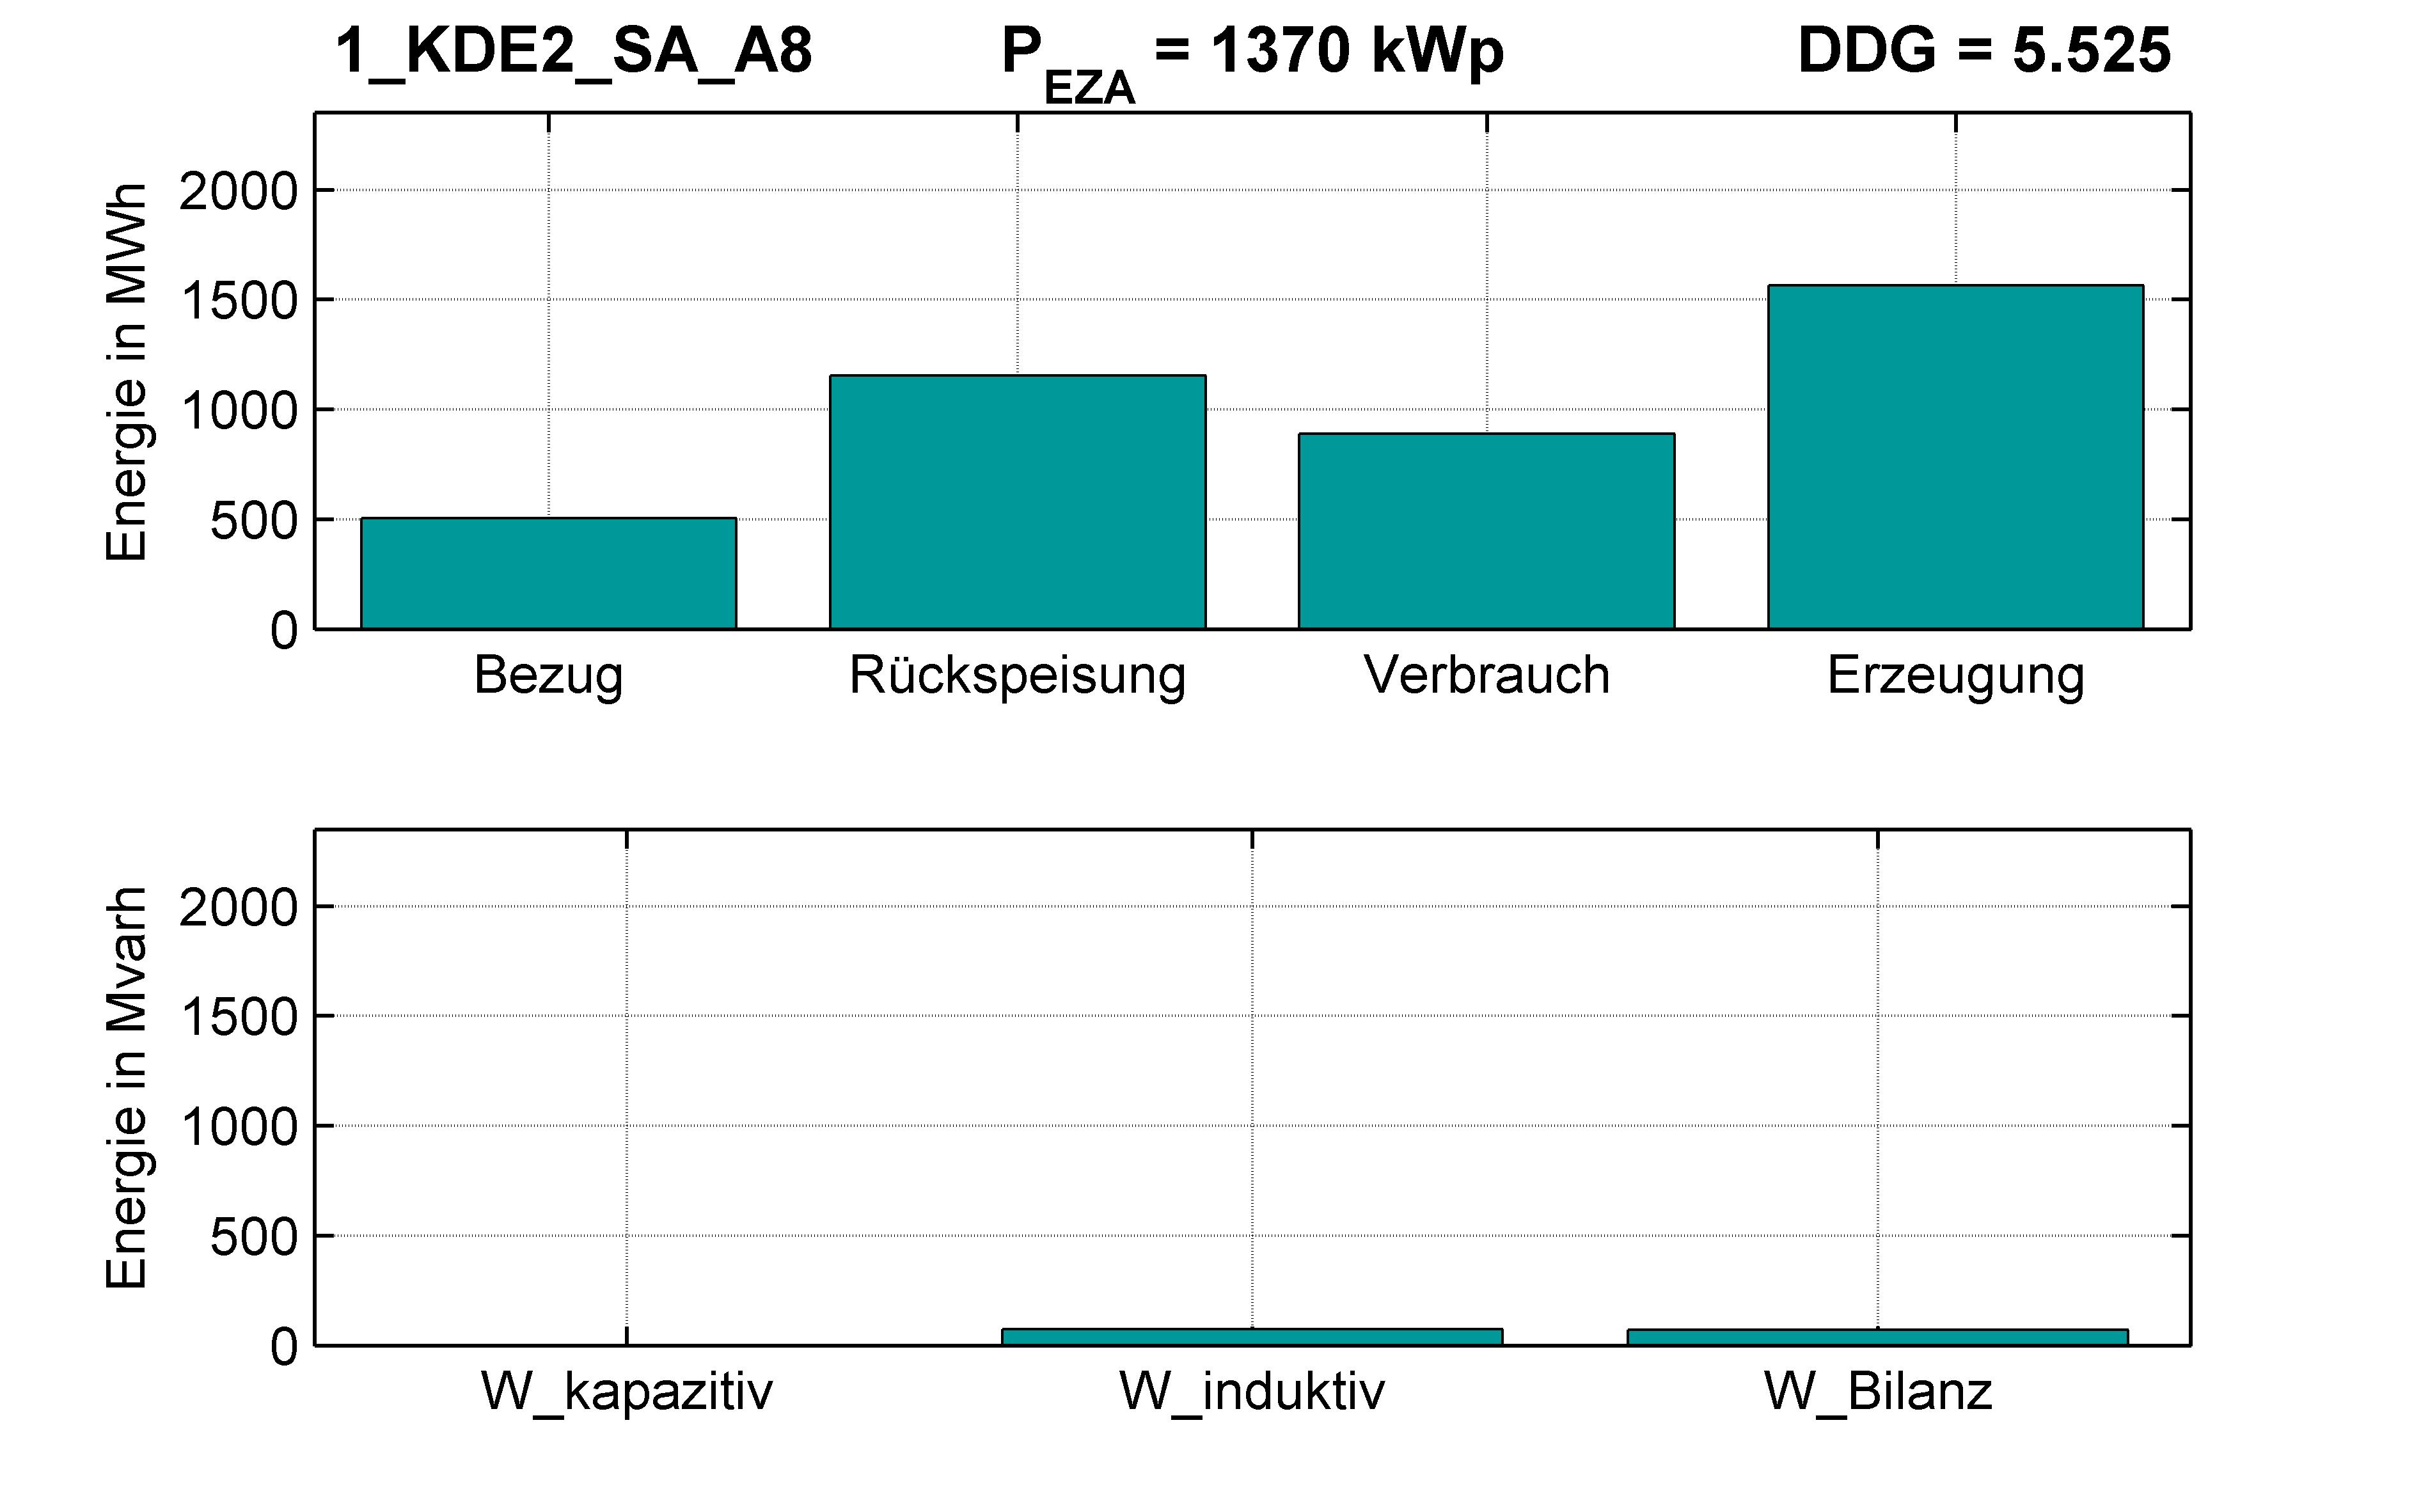 KDE2 | KABEL (SA) A8 | PQ-Bilanz